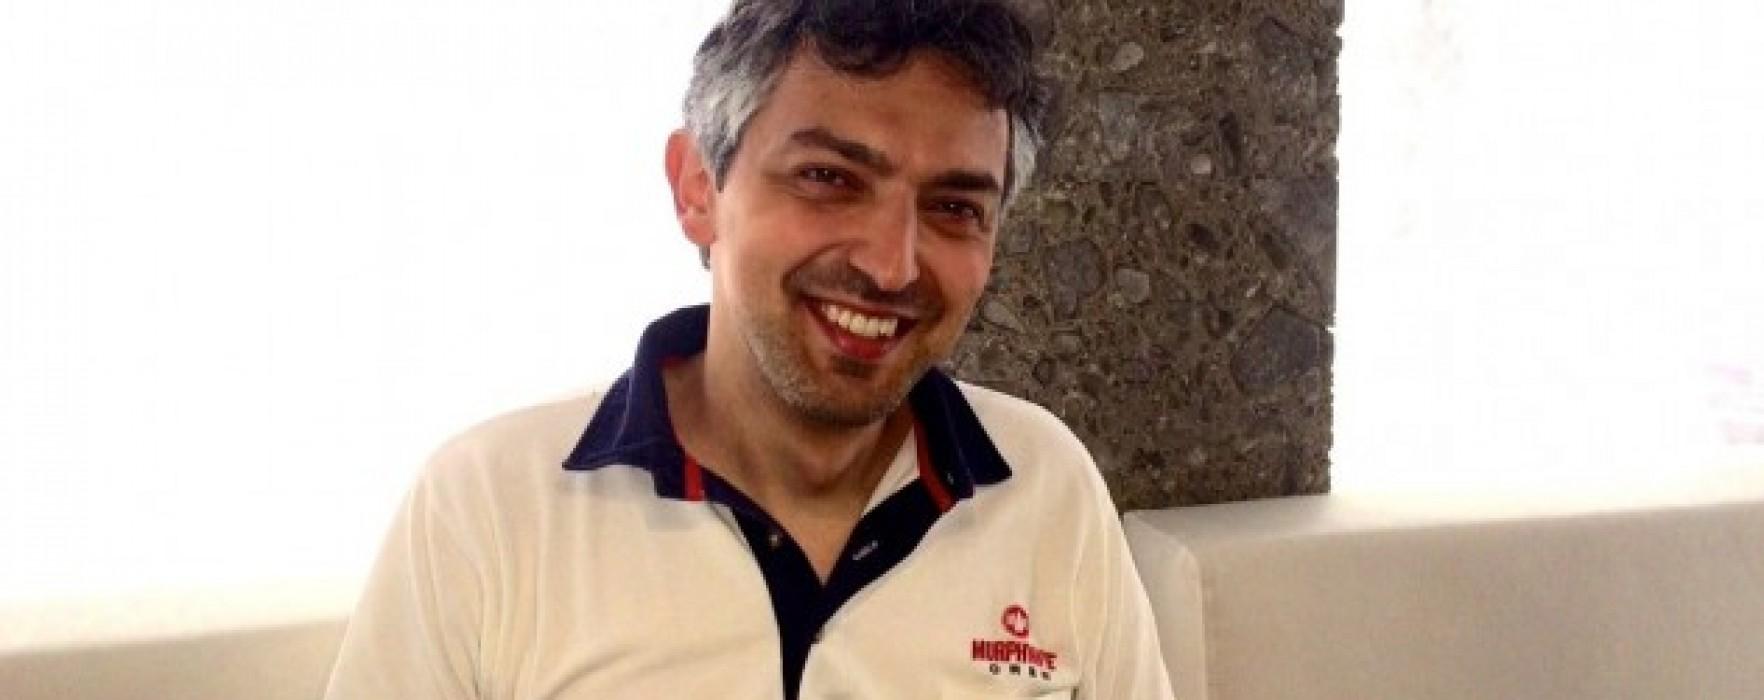 """Enzo Gianmaria Napolillo: """"La lettura mi ha aiutato a trovare la mia voce di scrittore"""""""